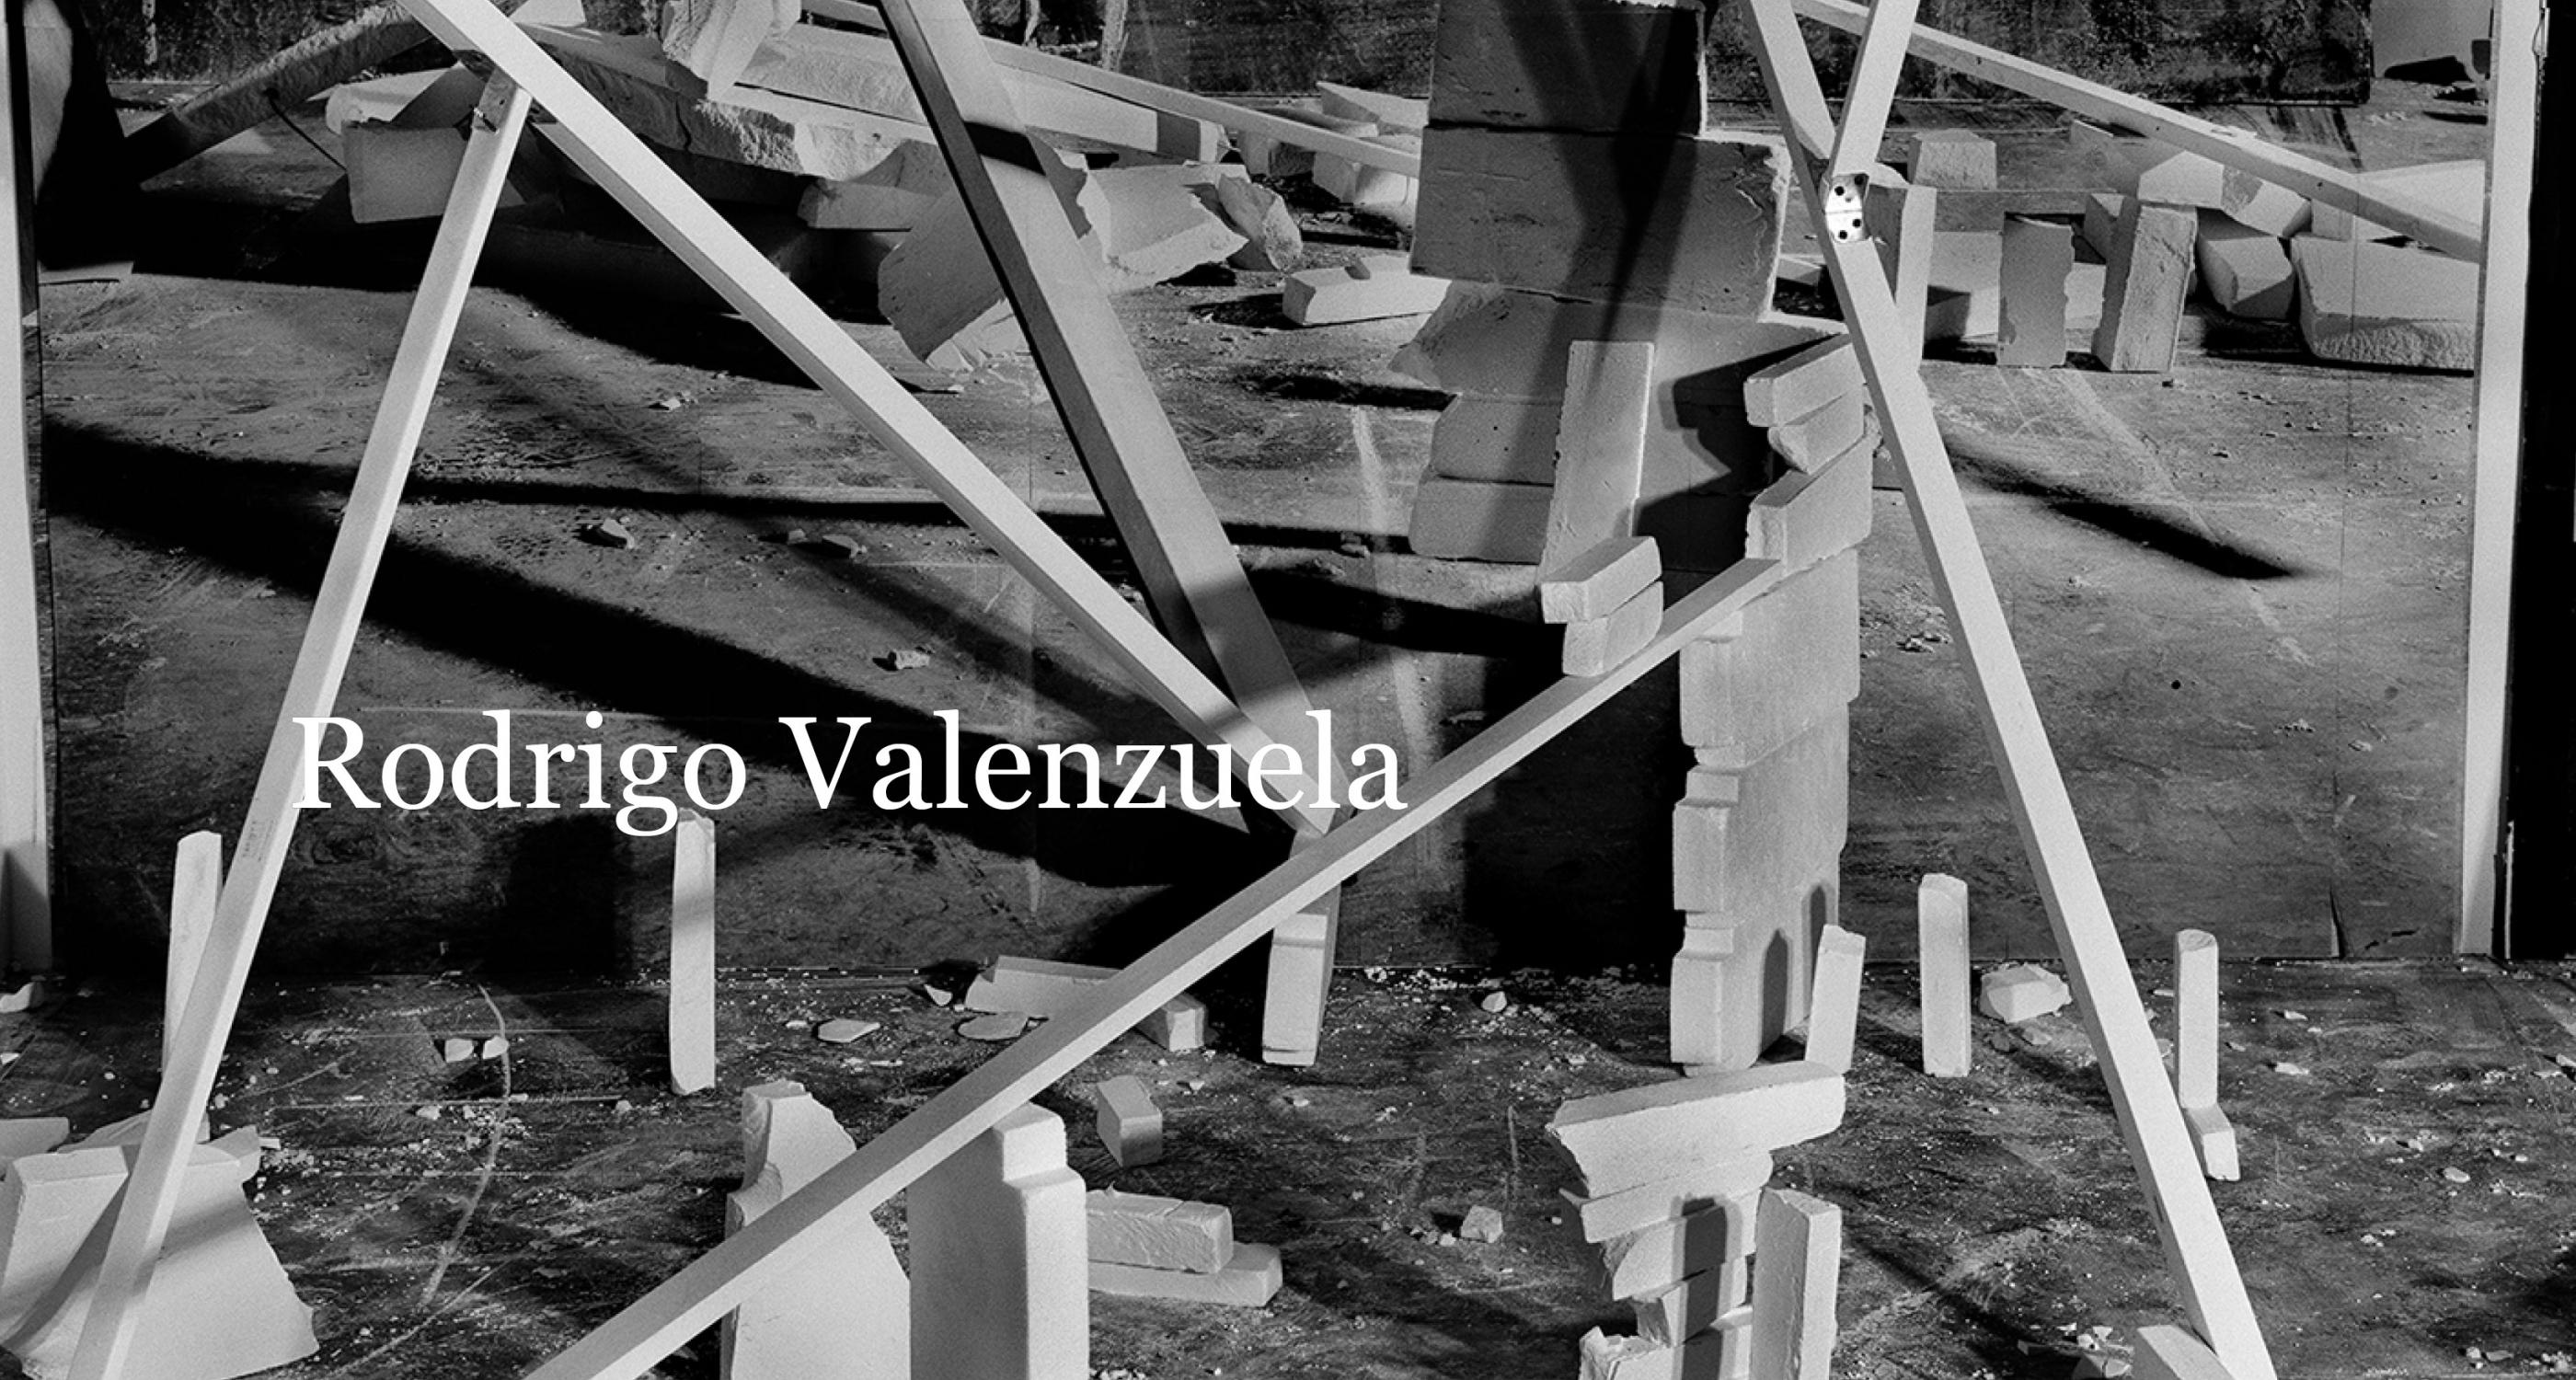 Banner image for Rodrigo Valenzuela